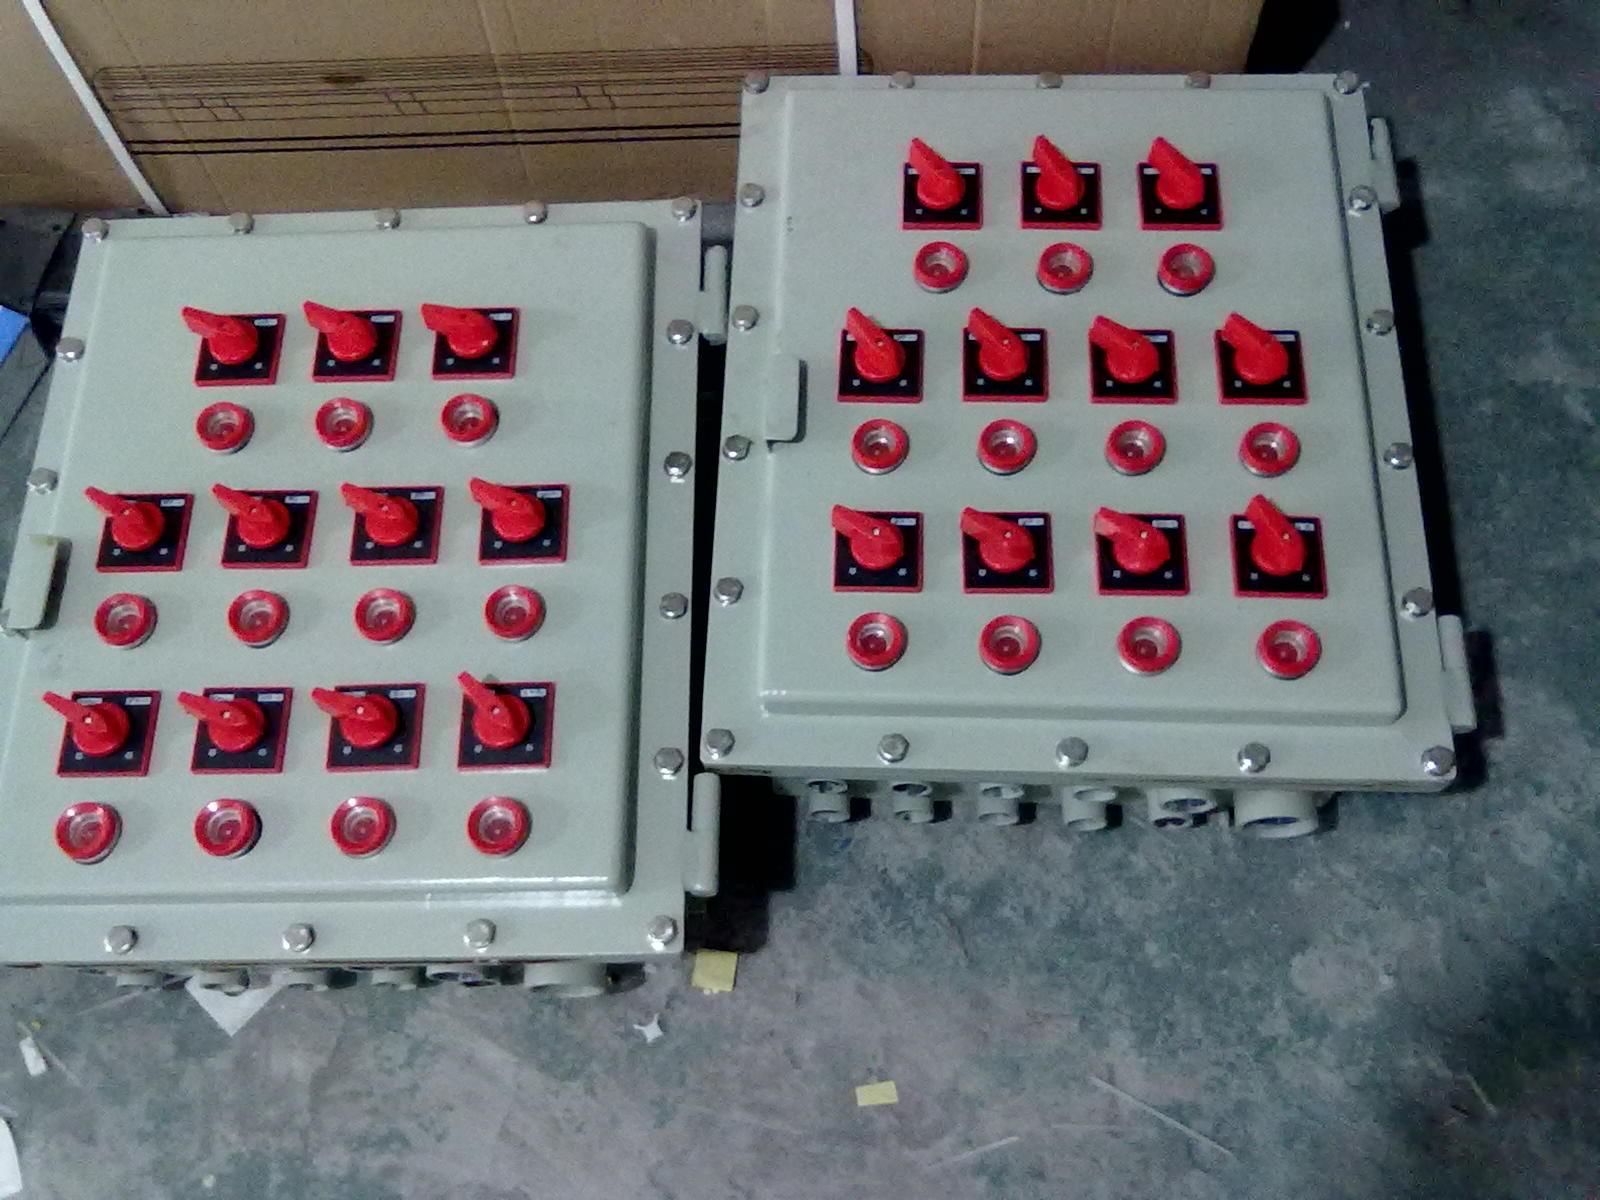 防爆综合电磁起动器,防爆自耦减压电磁起动箱,防爆星三角起动箱,防爆